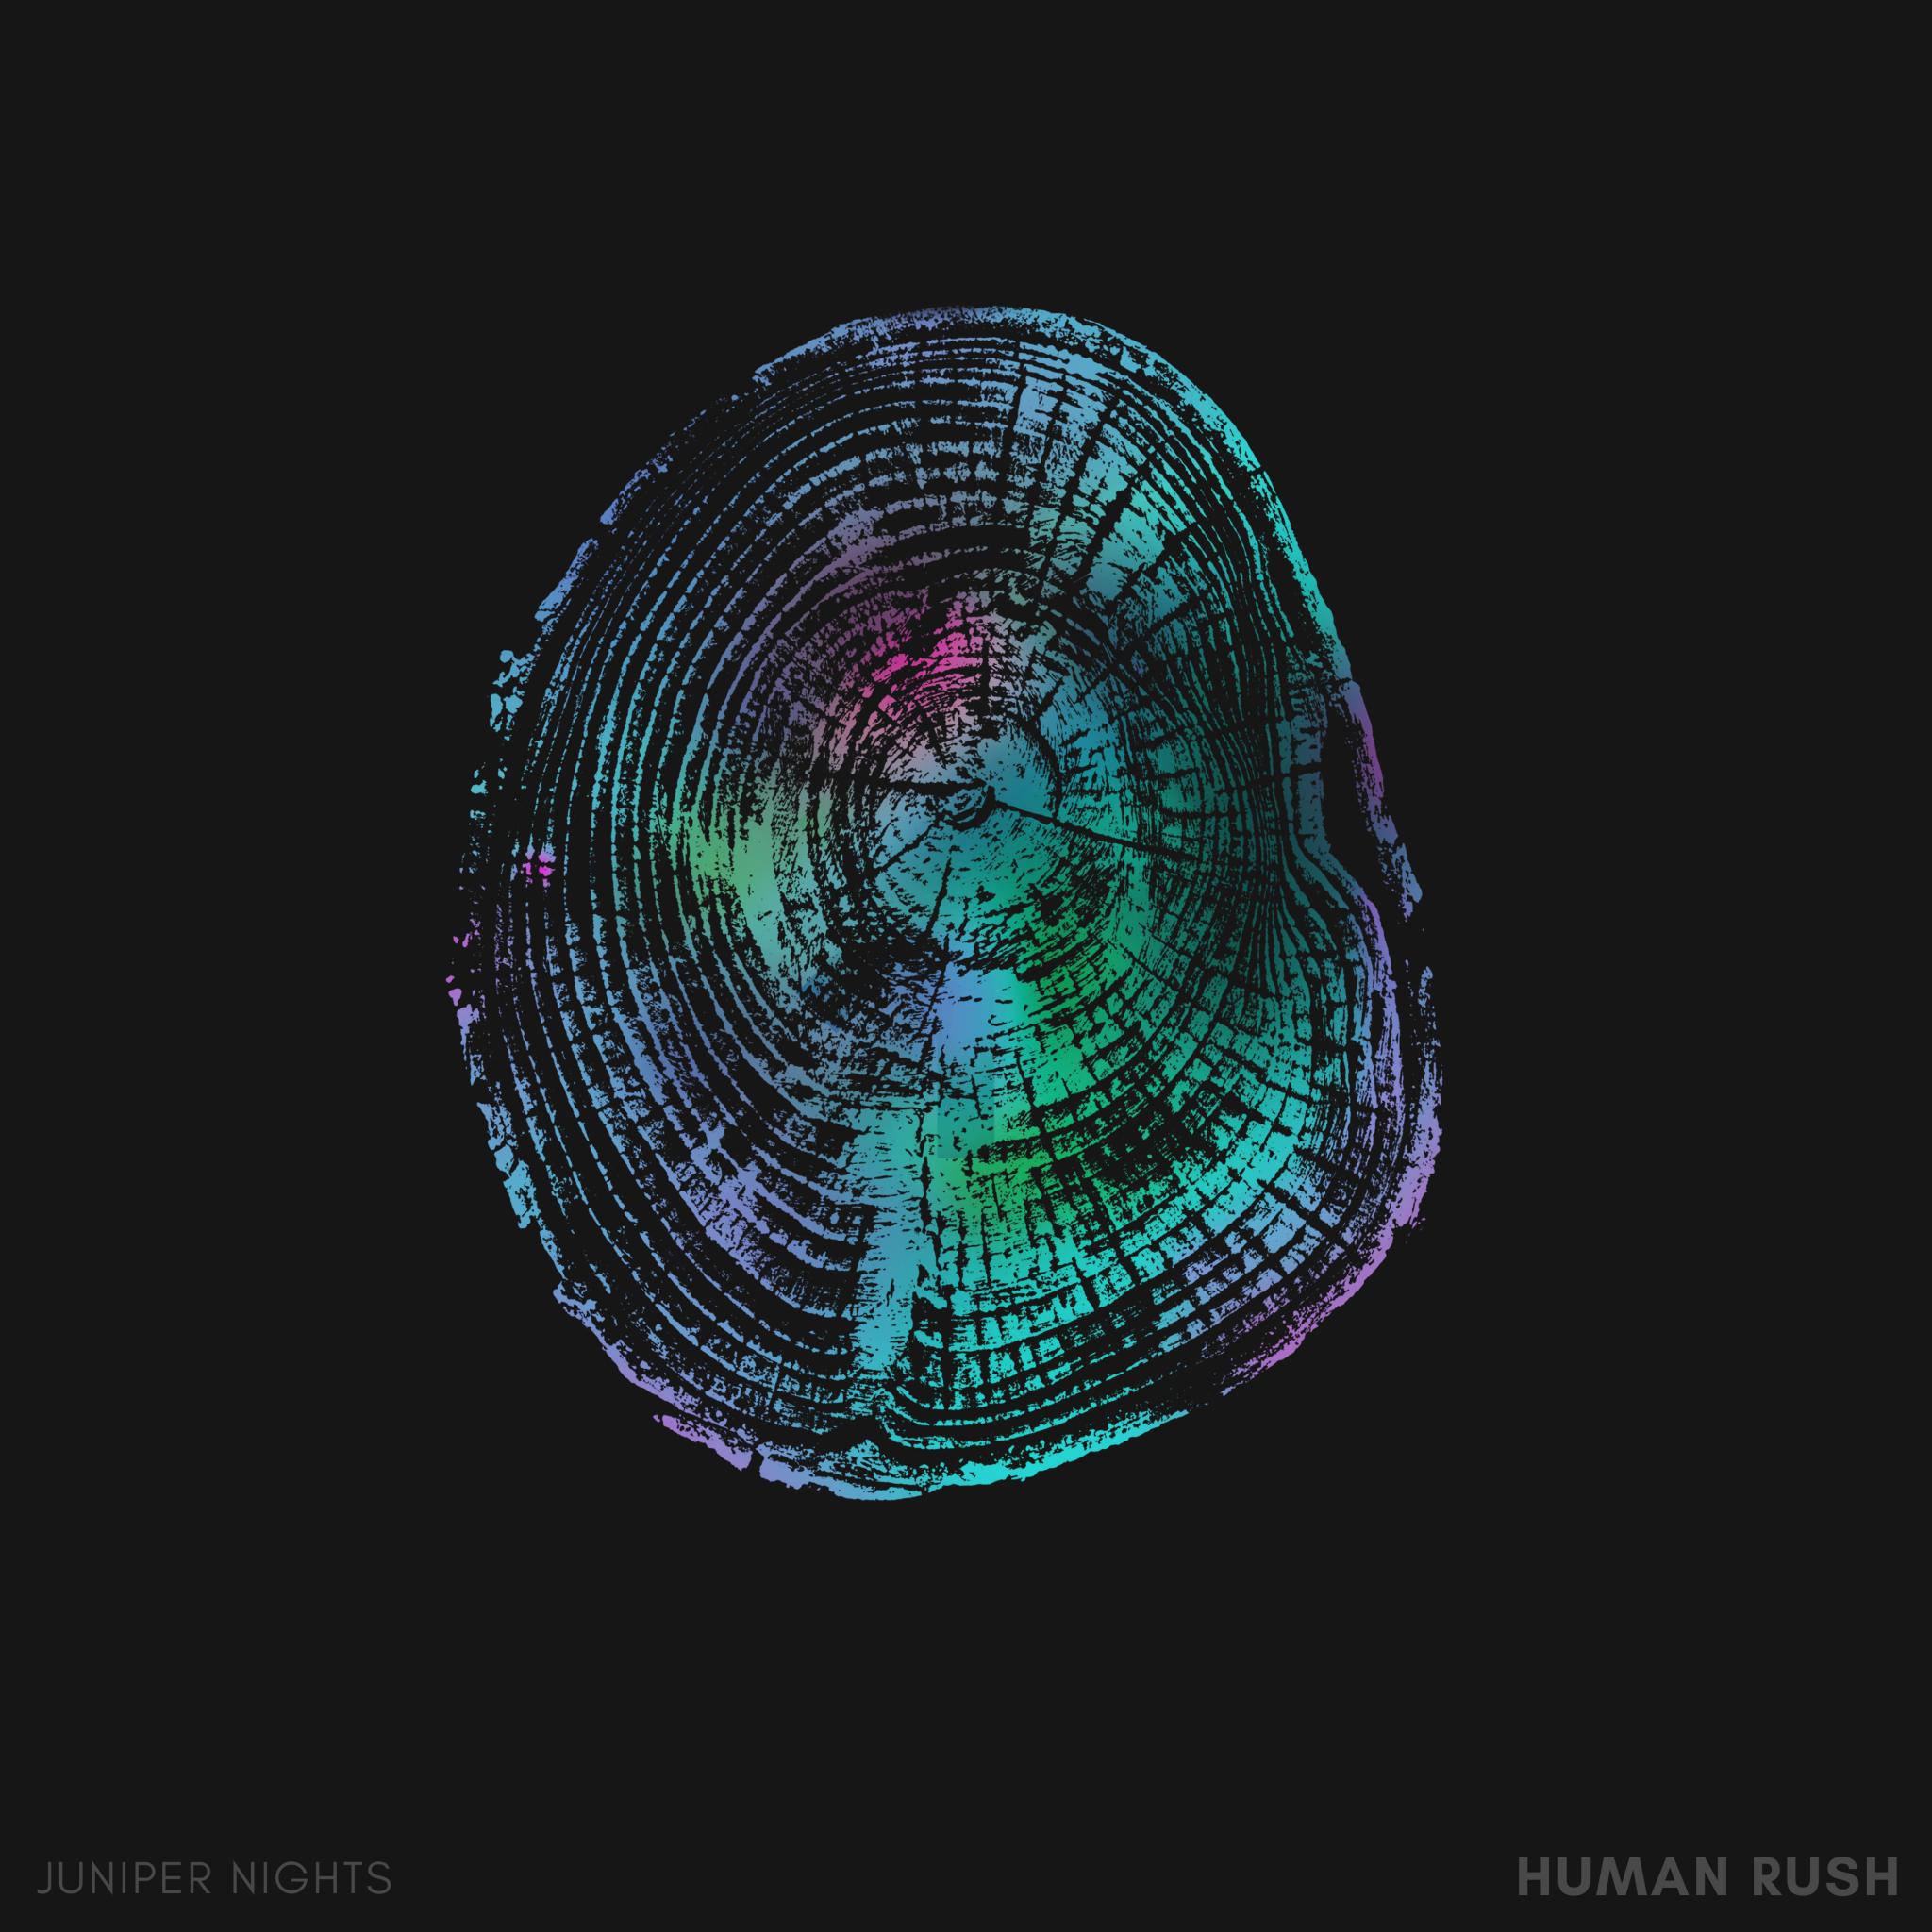 Human_Rush_Artwork